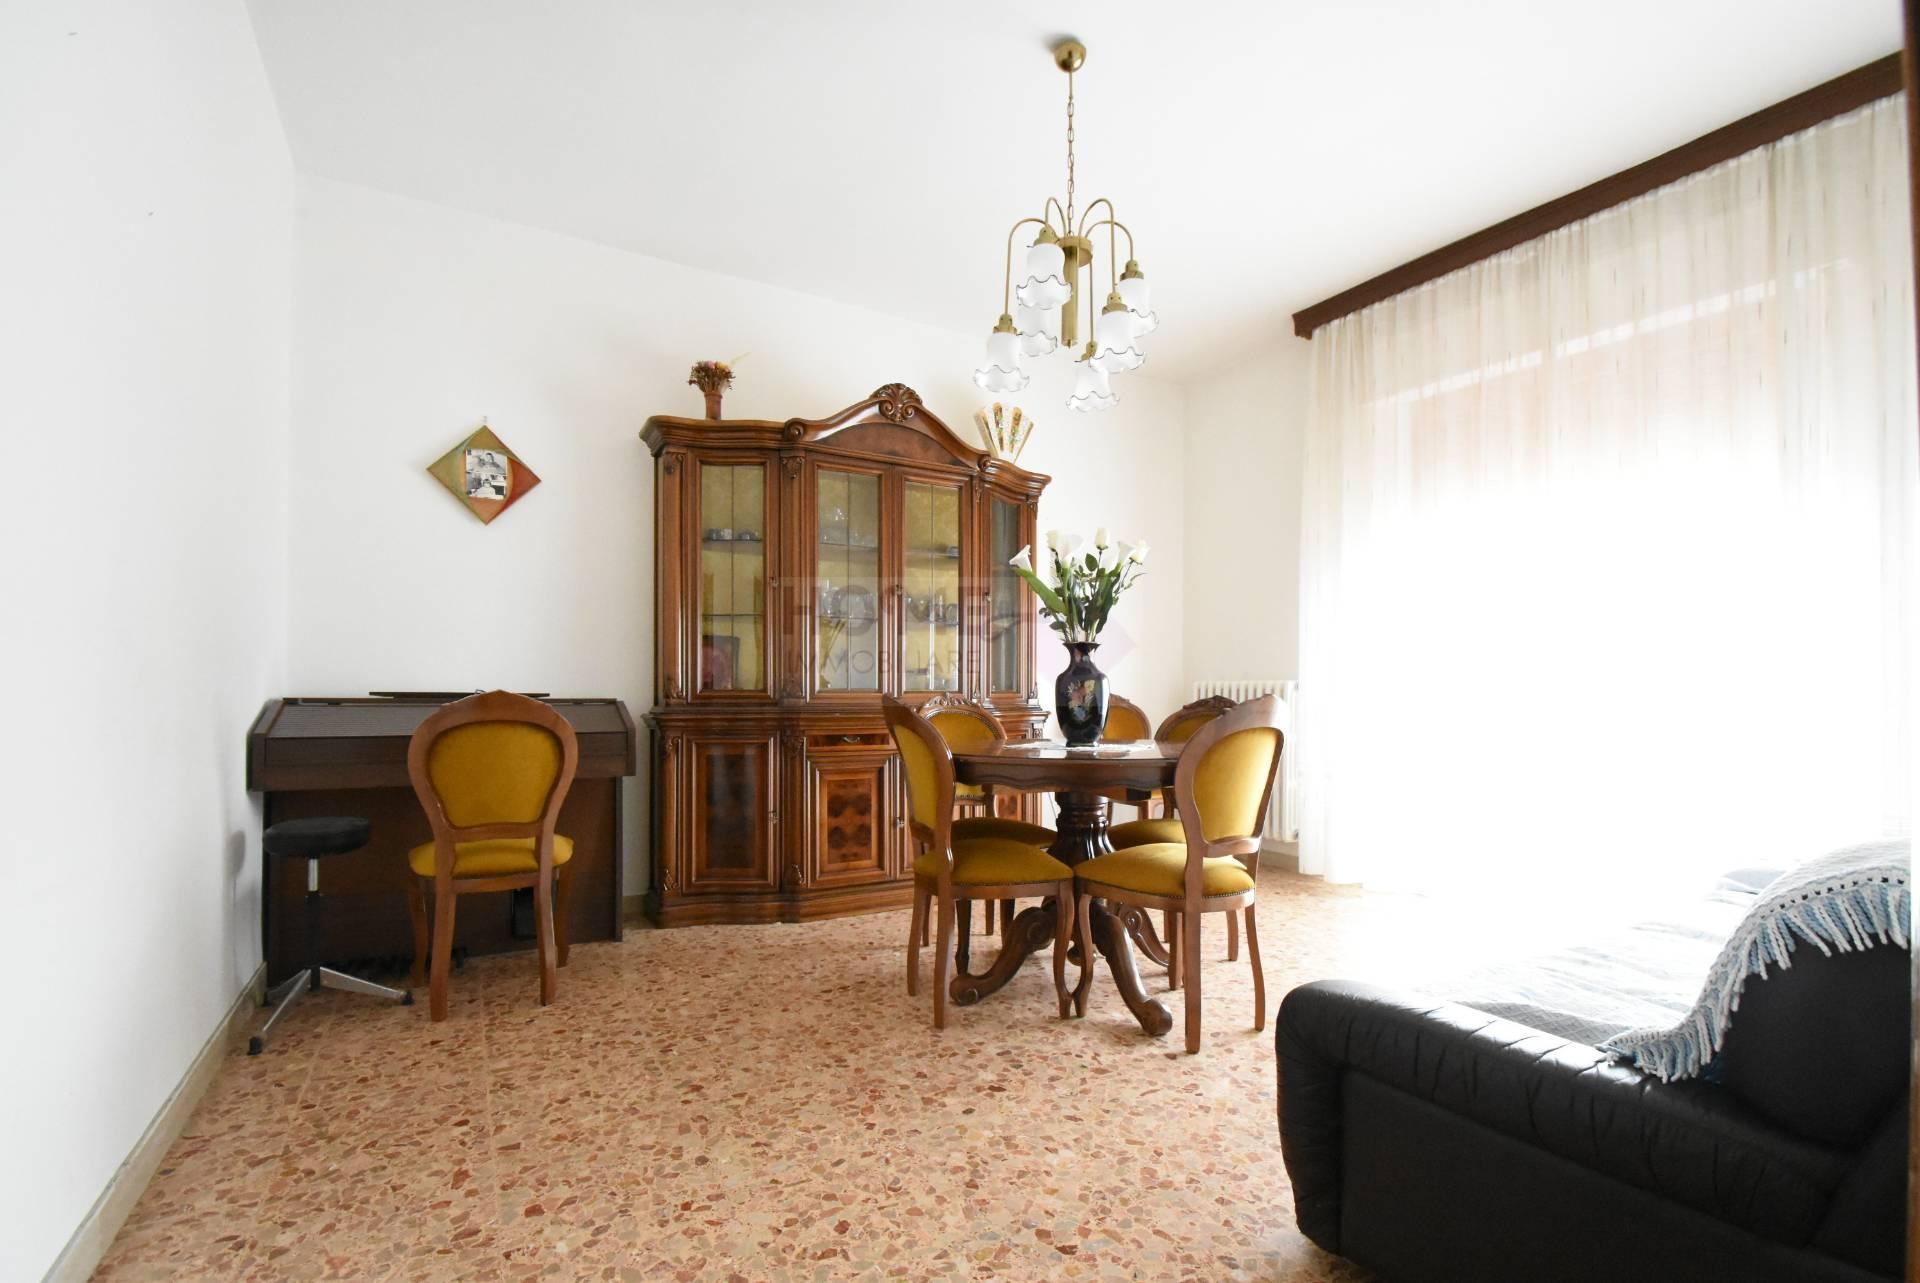 Appartamento in vendita a Treia, 7 locali, zona Località: semi-centrale, prezzo € 98.000 | Cambio Casa.it